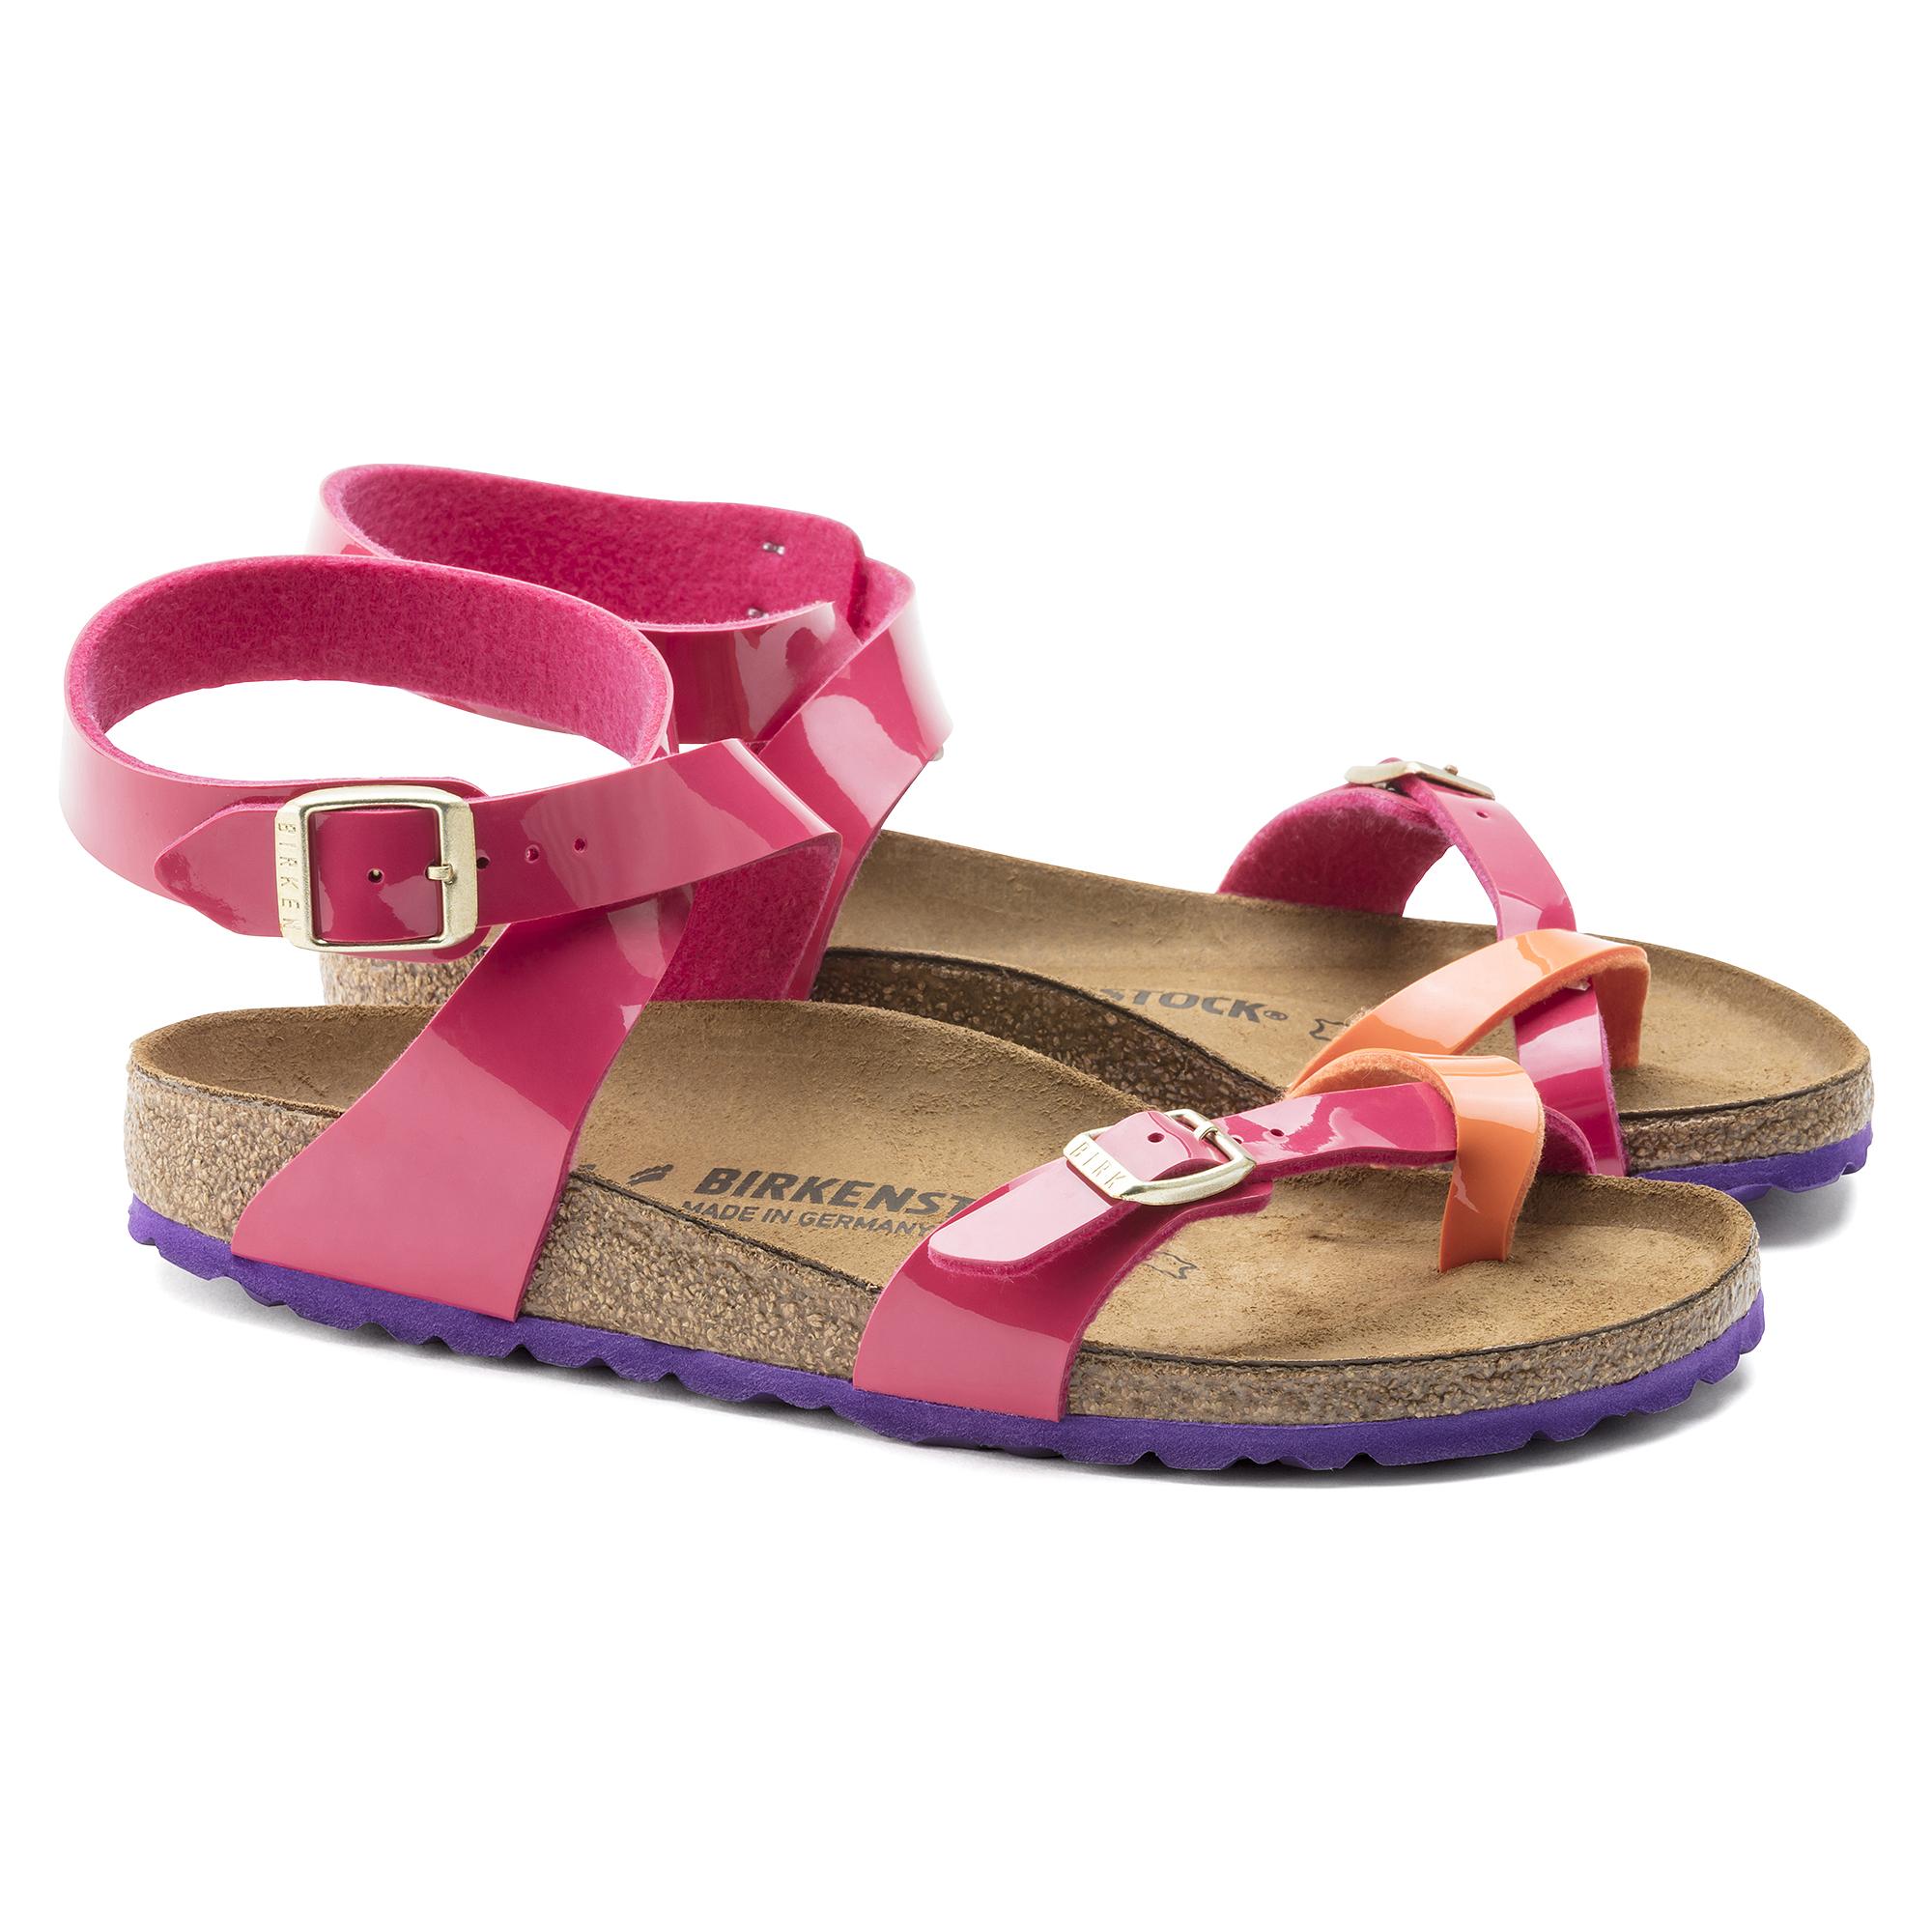 Chaussures Birkenstock Yara violettes femme oJwIY